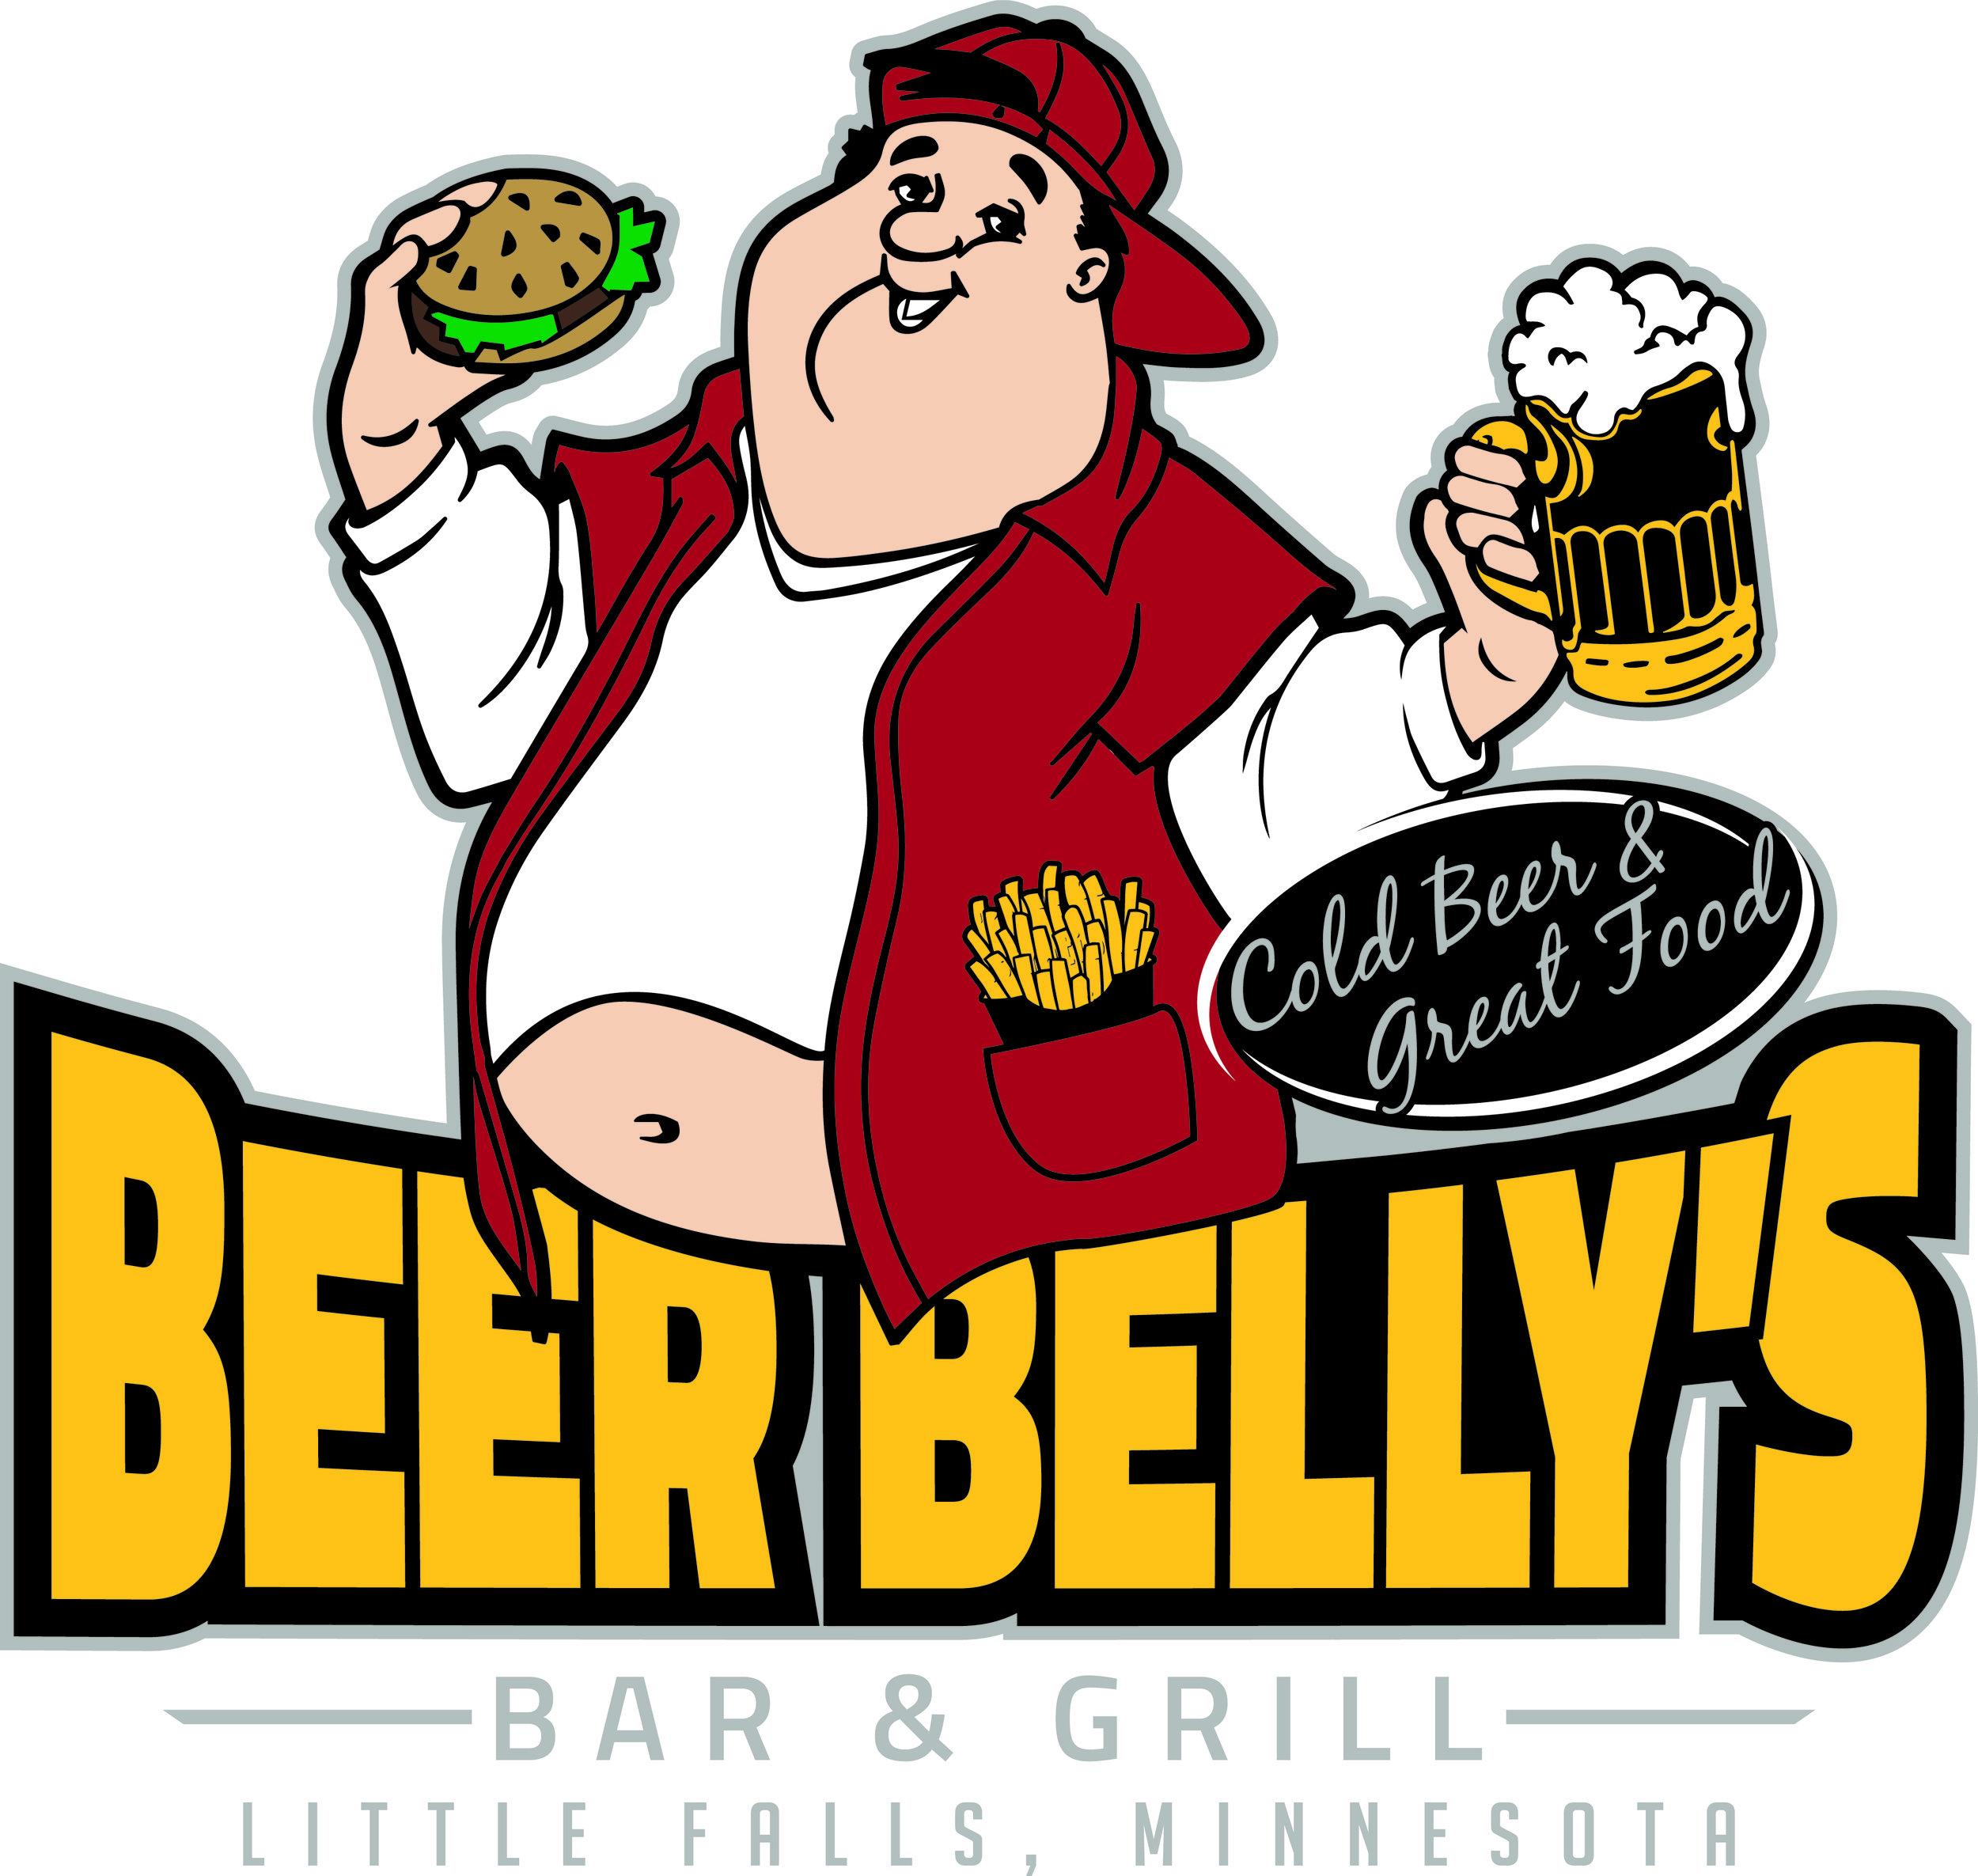 BeerBelly_Logo_FC.jpg